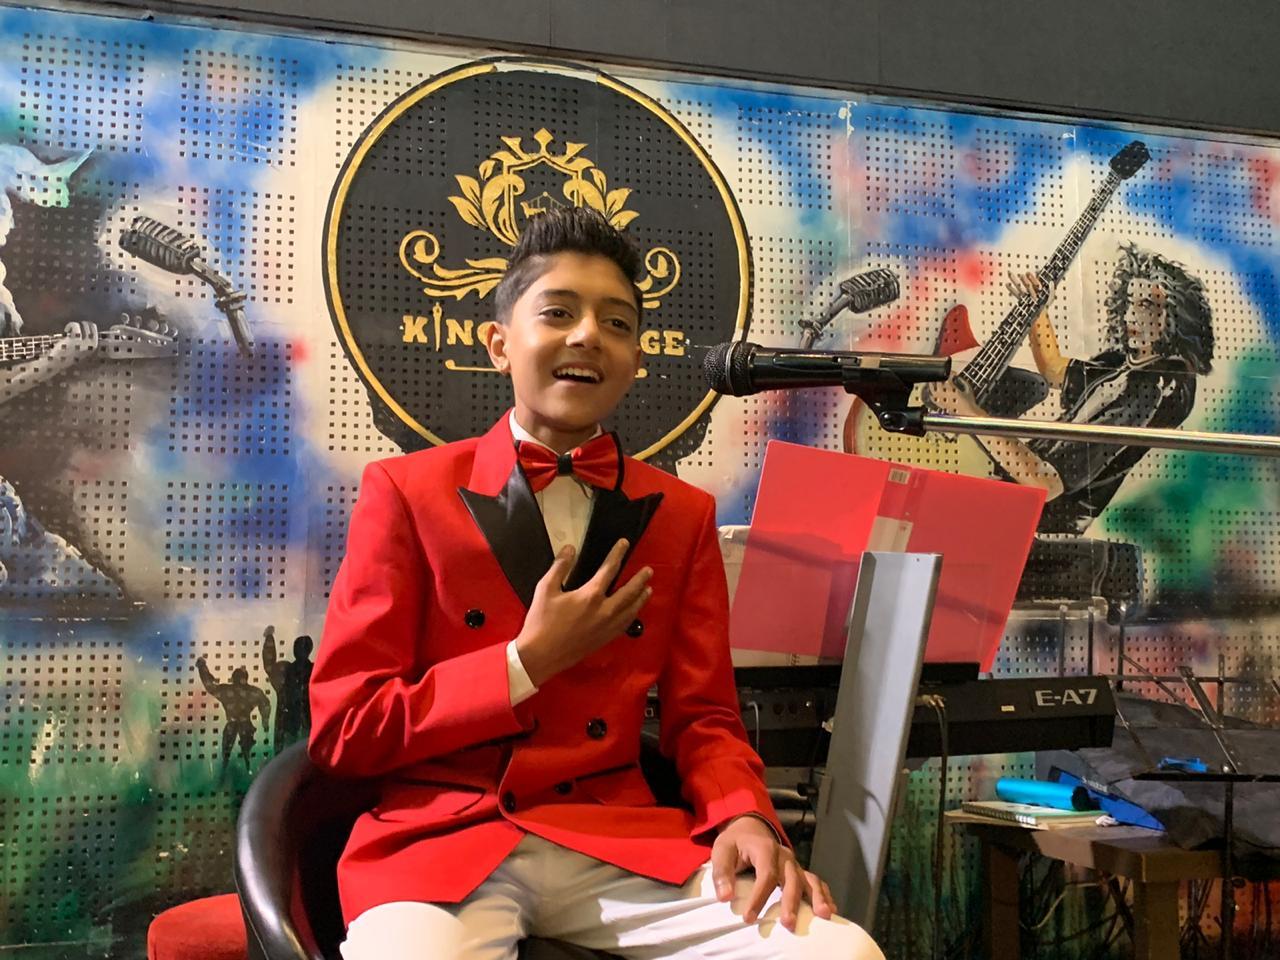 बाल गायक आयुष केसीको 'म एउटा बालक' सार्वजनिक [भिडियो सहित]